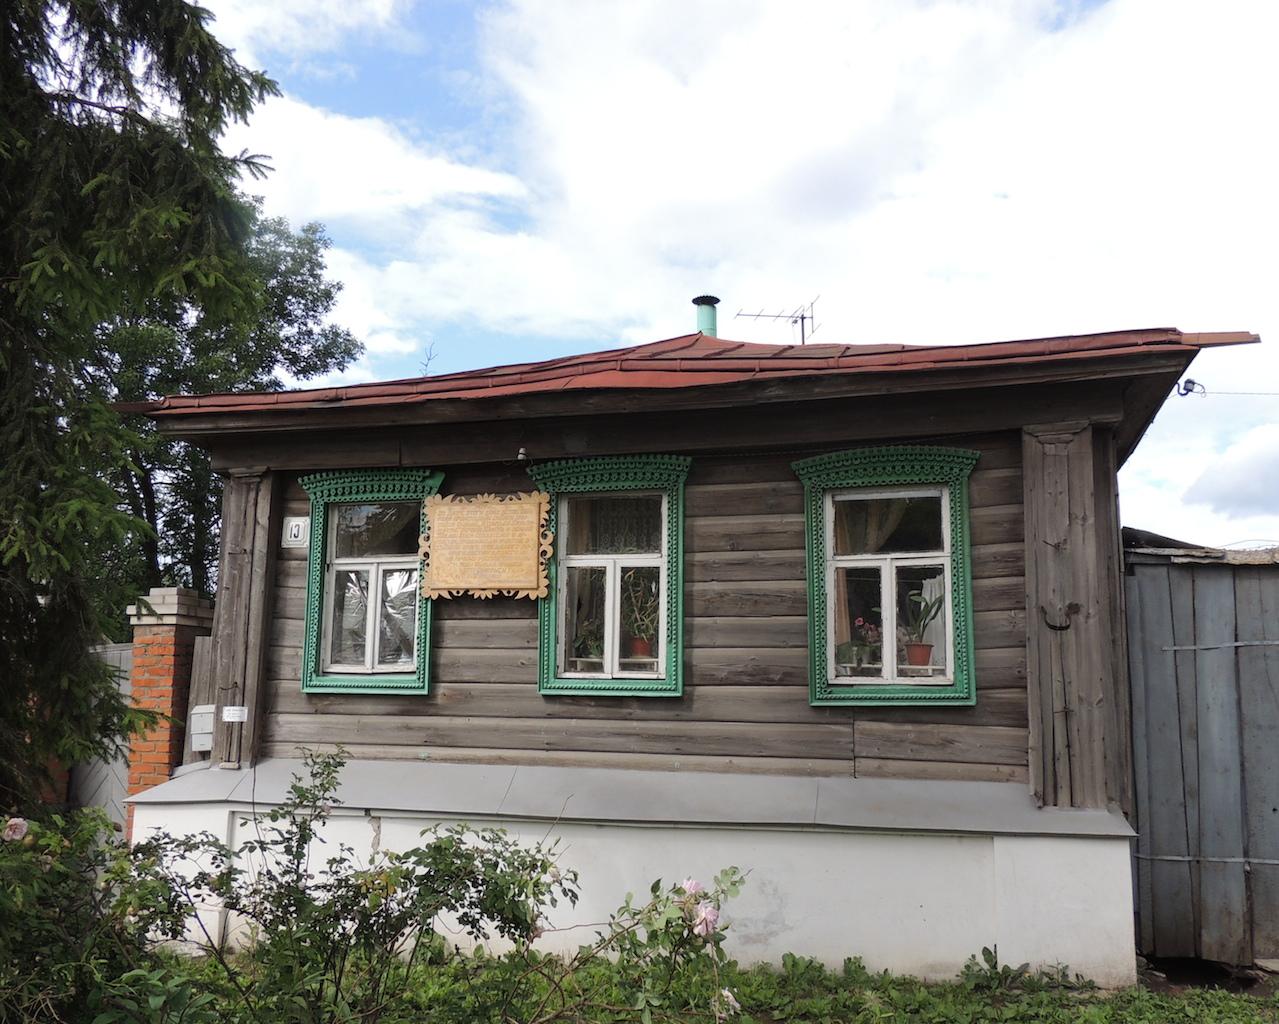 Суздаль в 1964 во дворе шли съёмки Женитьба Бальзаминова 24 июня 2014 г., 12-50